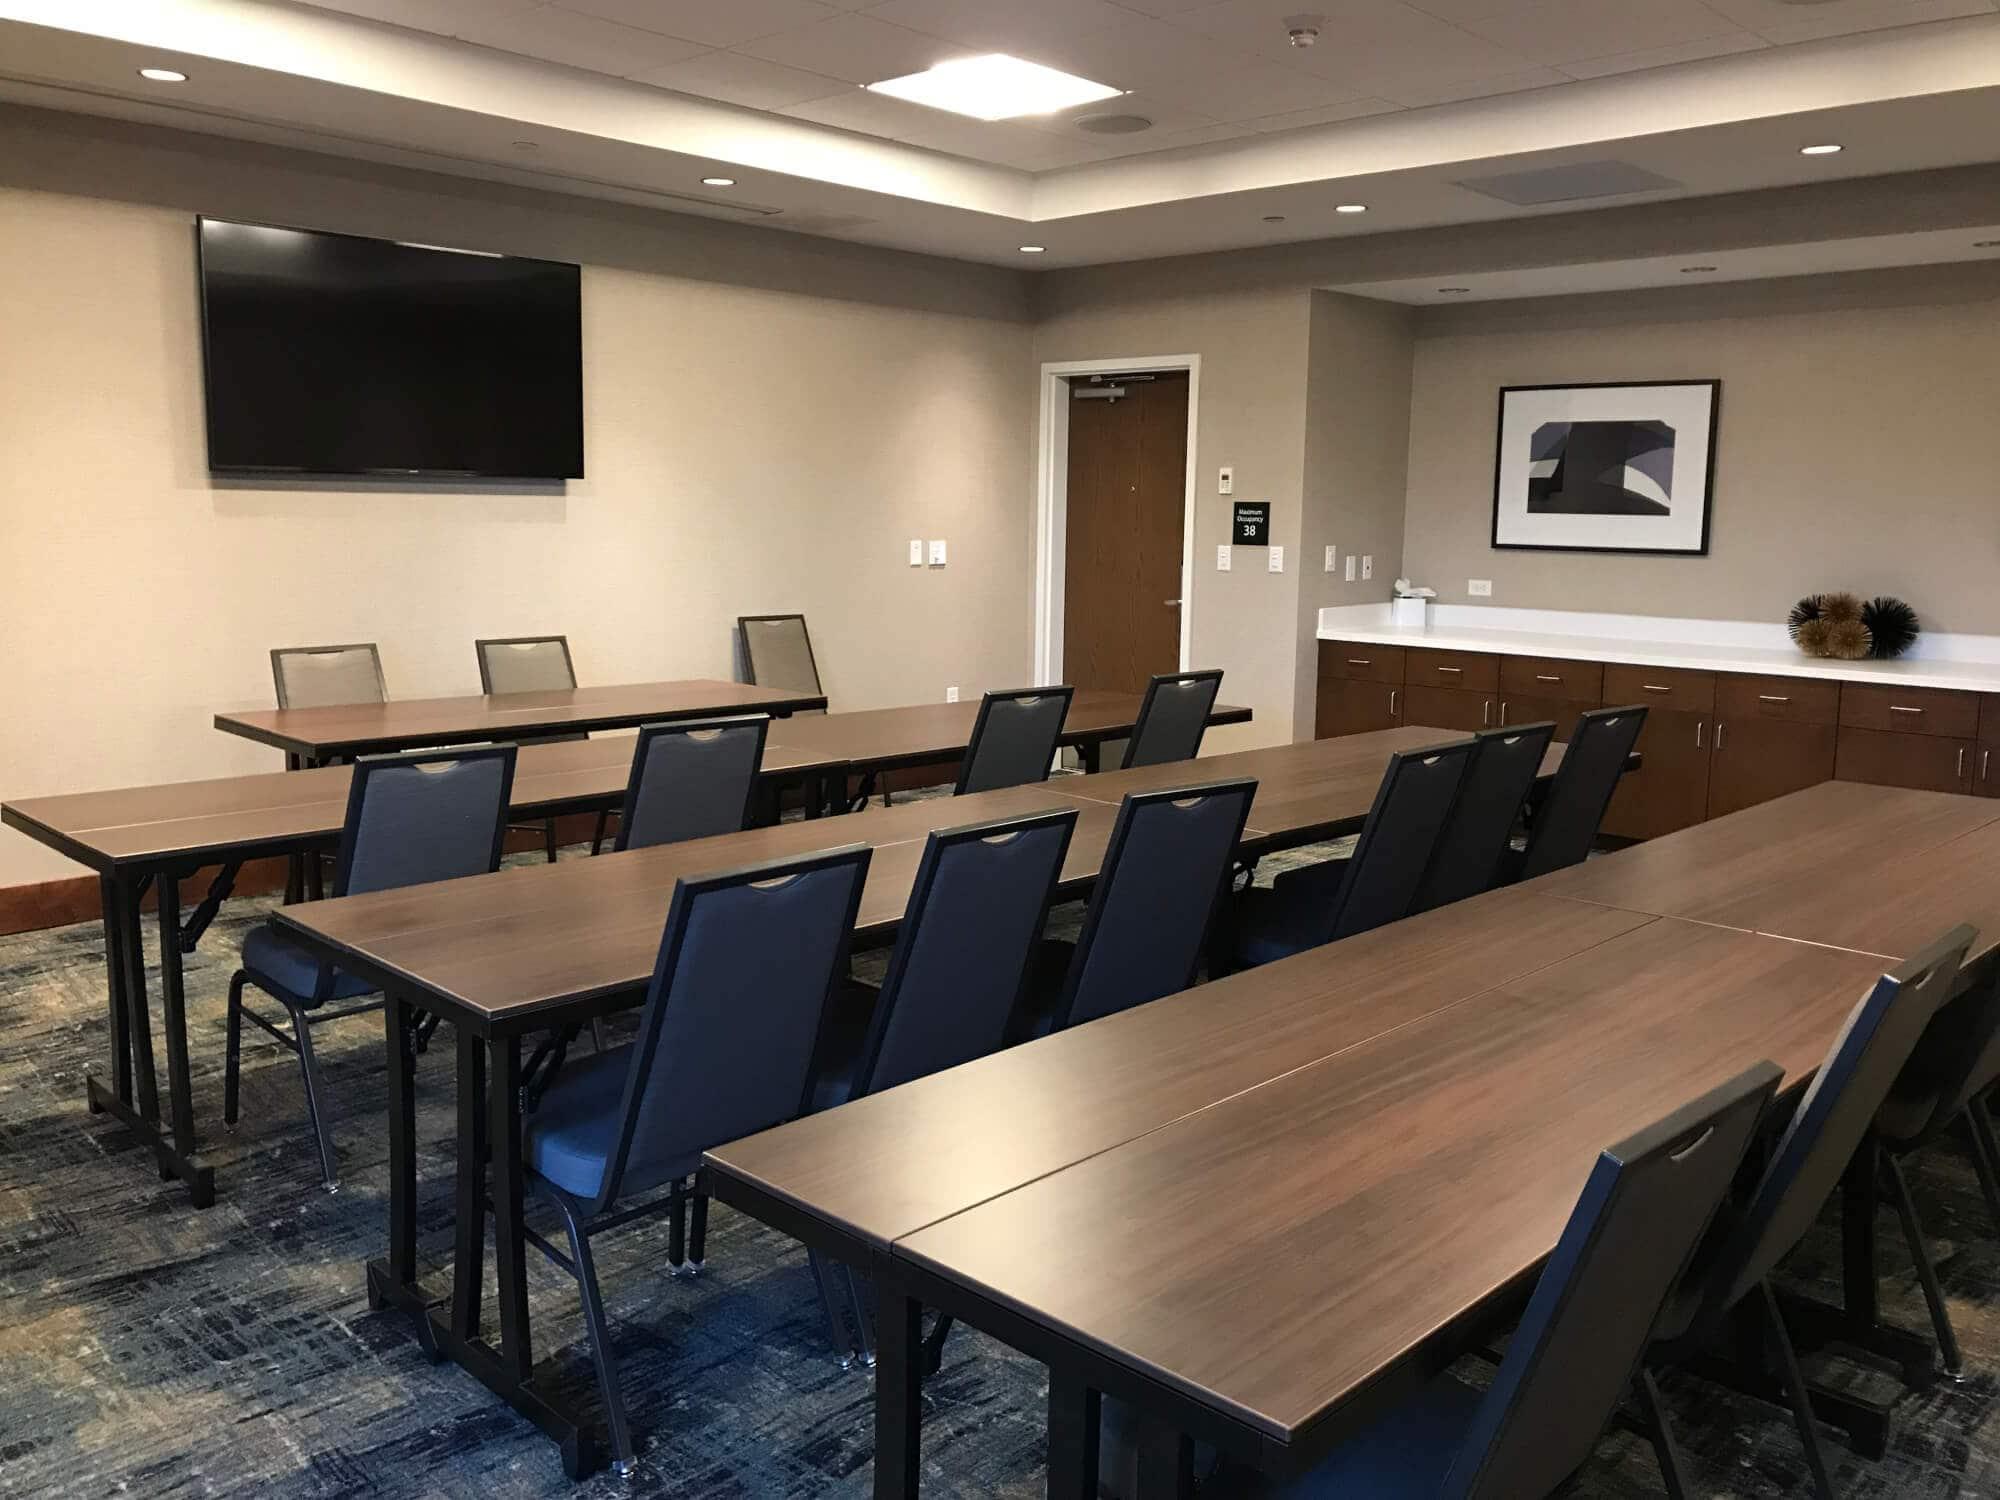 Sala de reuniões de hotel com mesas e cadeiras